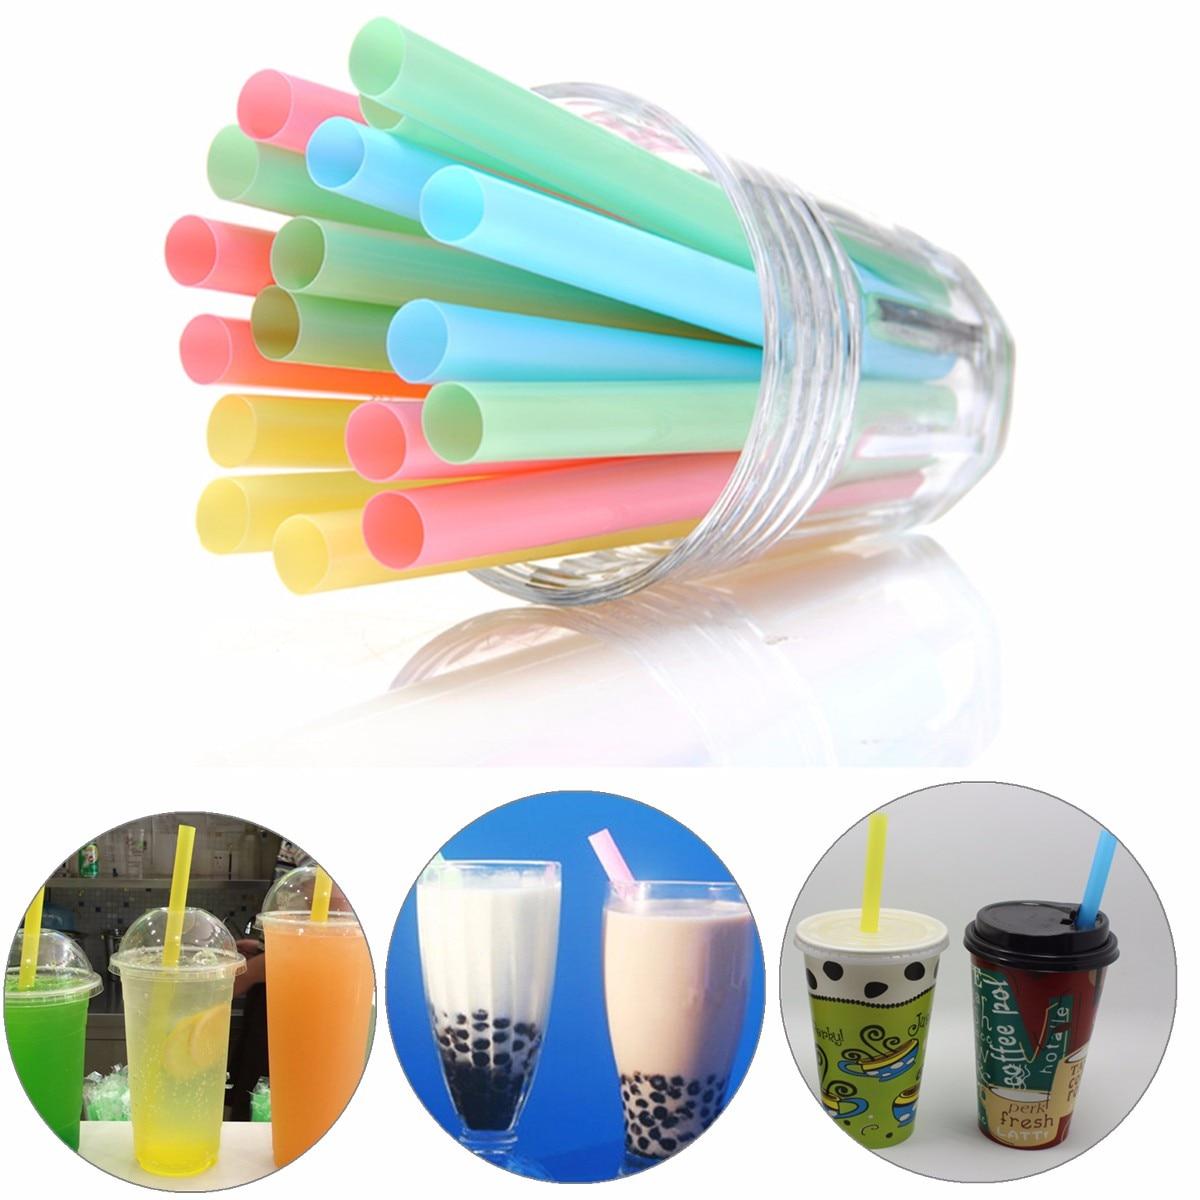 100 шт., пластиковые аксессуары для коктейлей, 15 х1 см